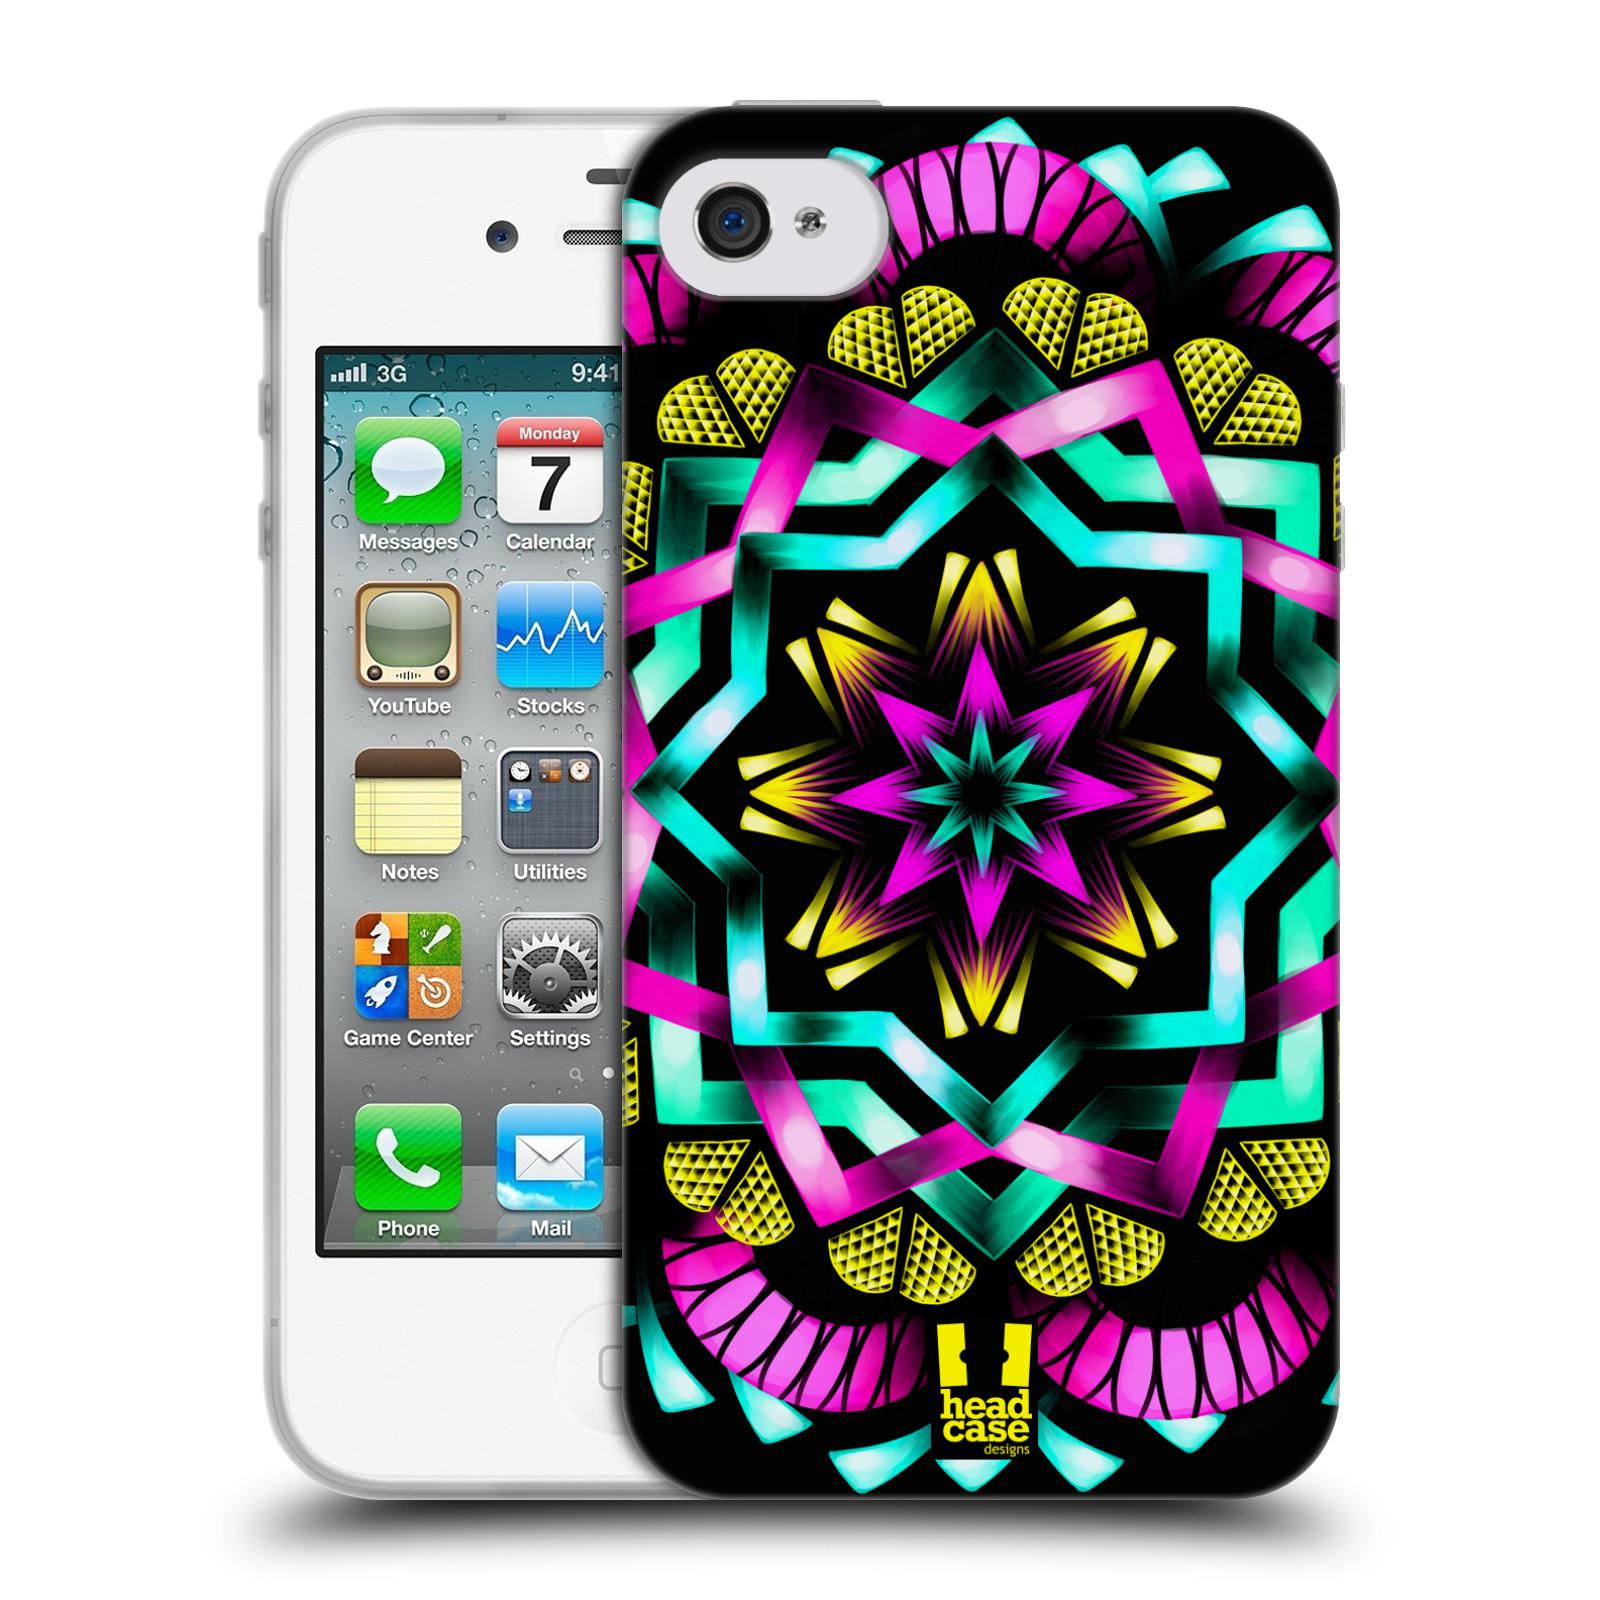 HEAD CASE silikonový obal na mobil Apple Iphone 4/4S vzor Indie Mandala kaleidoskop barevný vzor SLUNCE